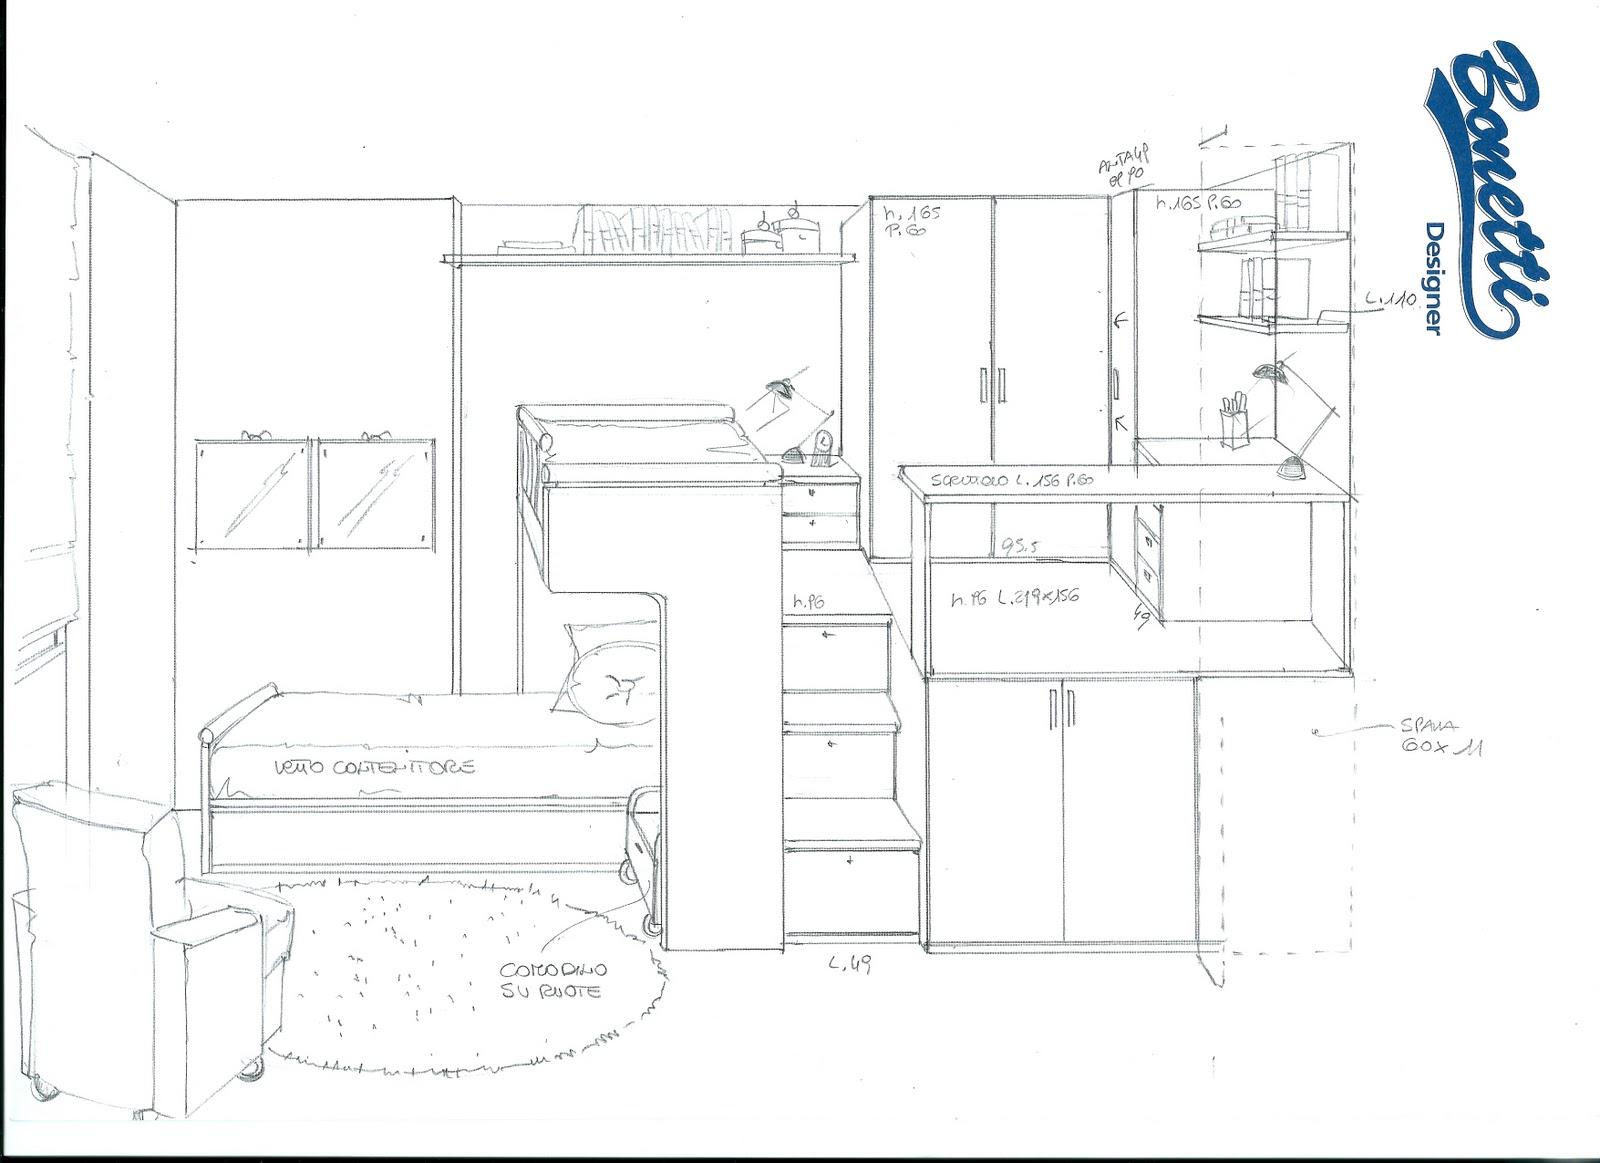 Bonetti camerette bonetti bedrooms camerette su misura - Misure standard camera da letto ...